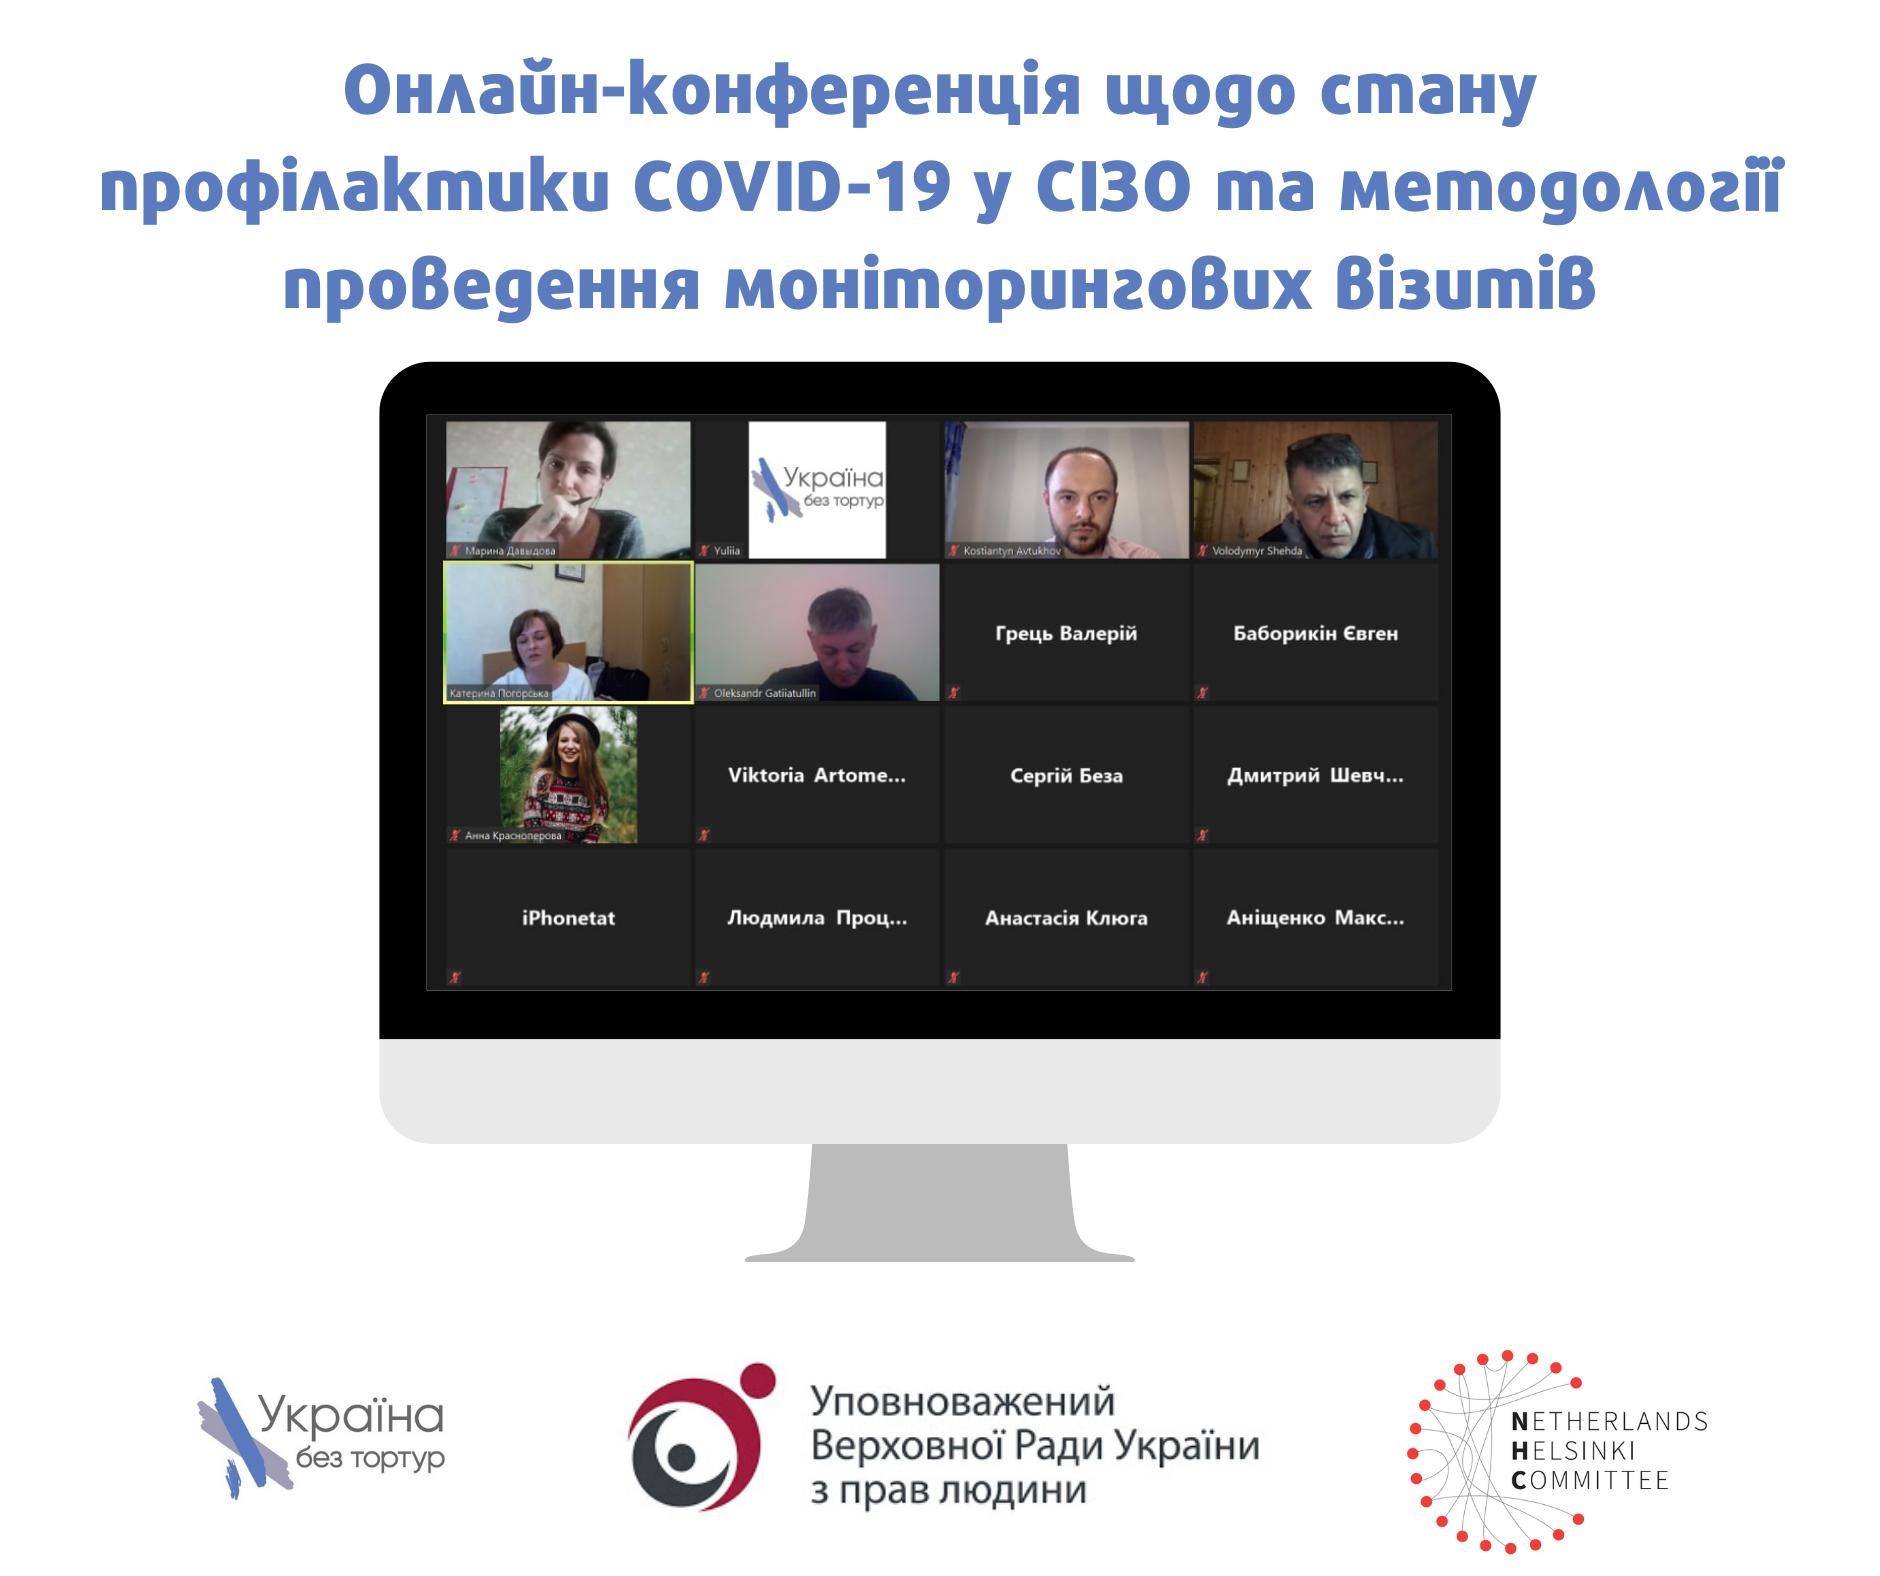 Відбулась онлайн-конференція щодо стану профілактики COVID-19 у СІЗО та методології проведення моніторингових візитів